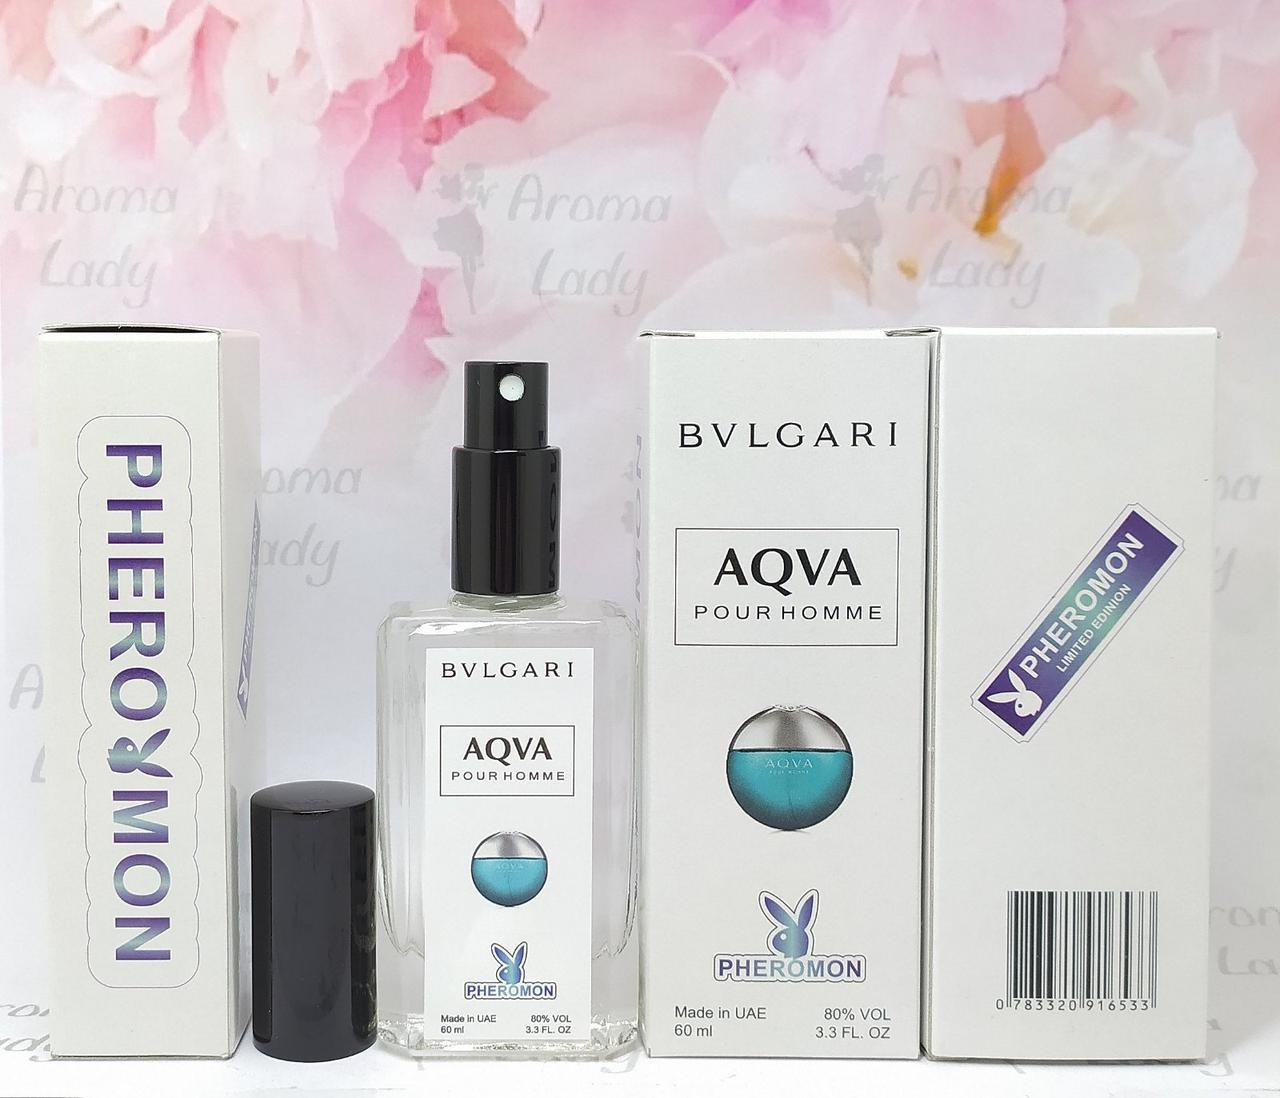 Мужской аромат Bvlgari Aqva Pour Homme (Булгари Аква Пур Хомм) с феромонами 60 мл